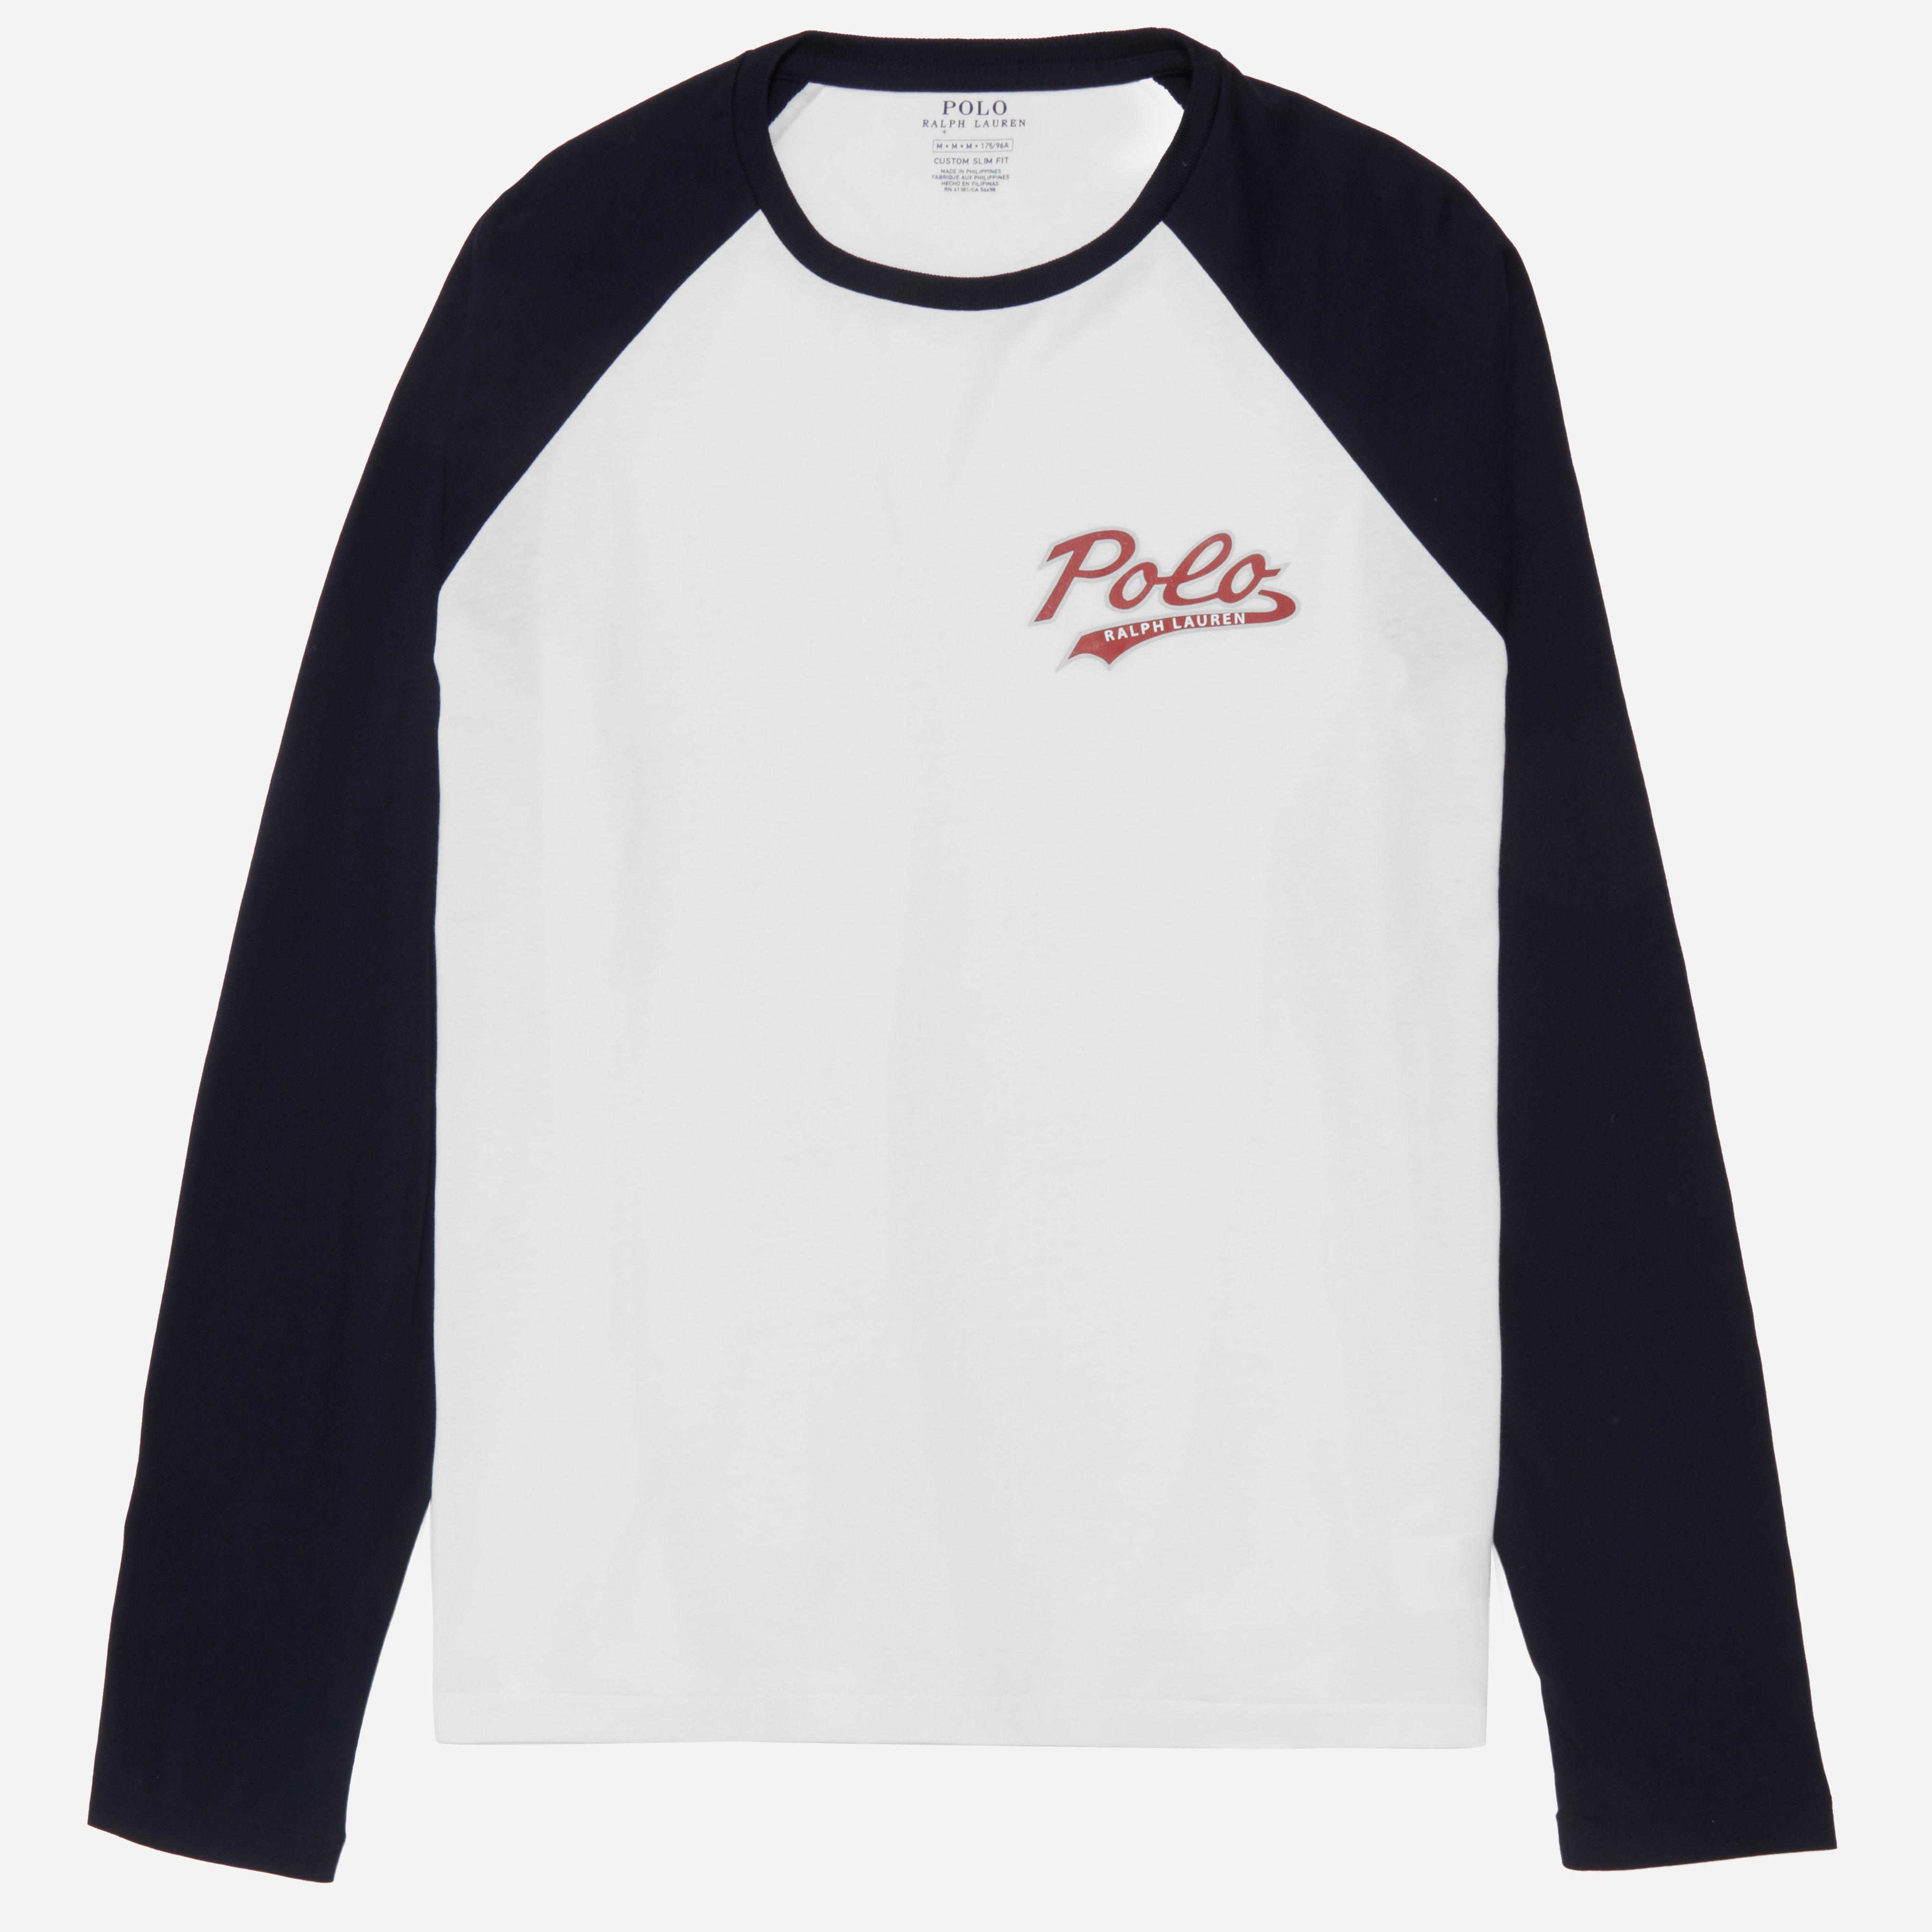 Polo Ralph Lauren Long Sleeve Raglan T-shirt